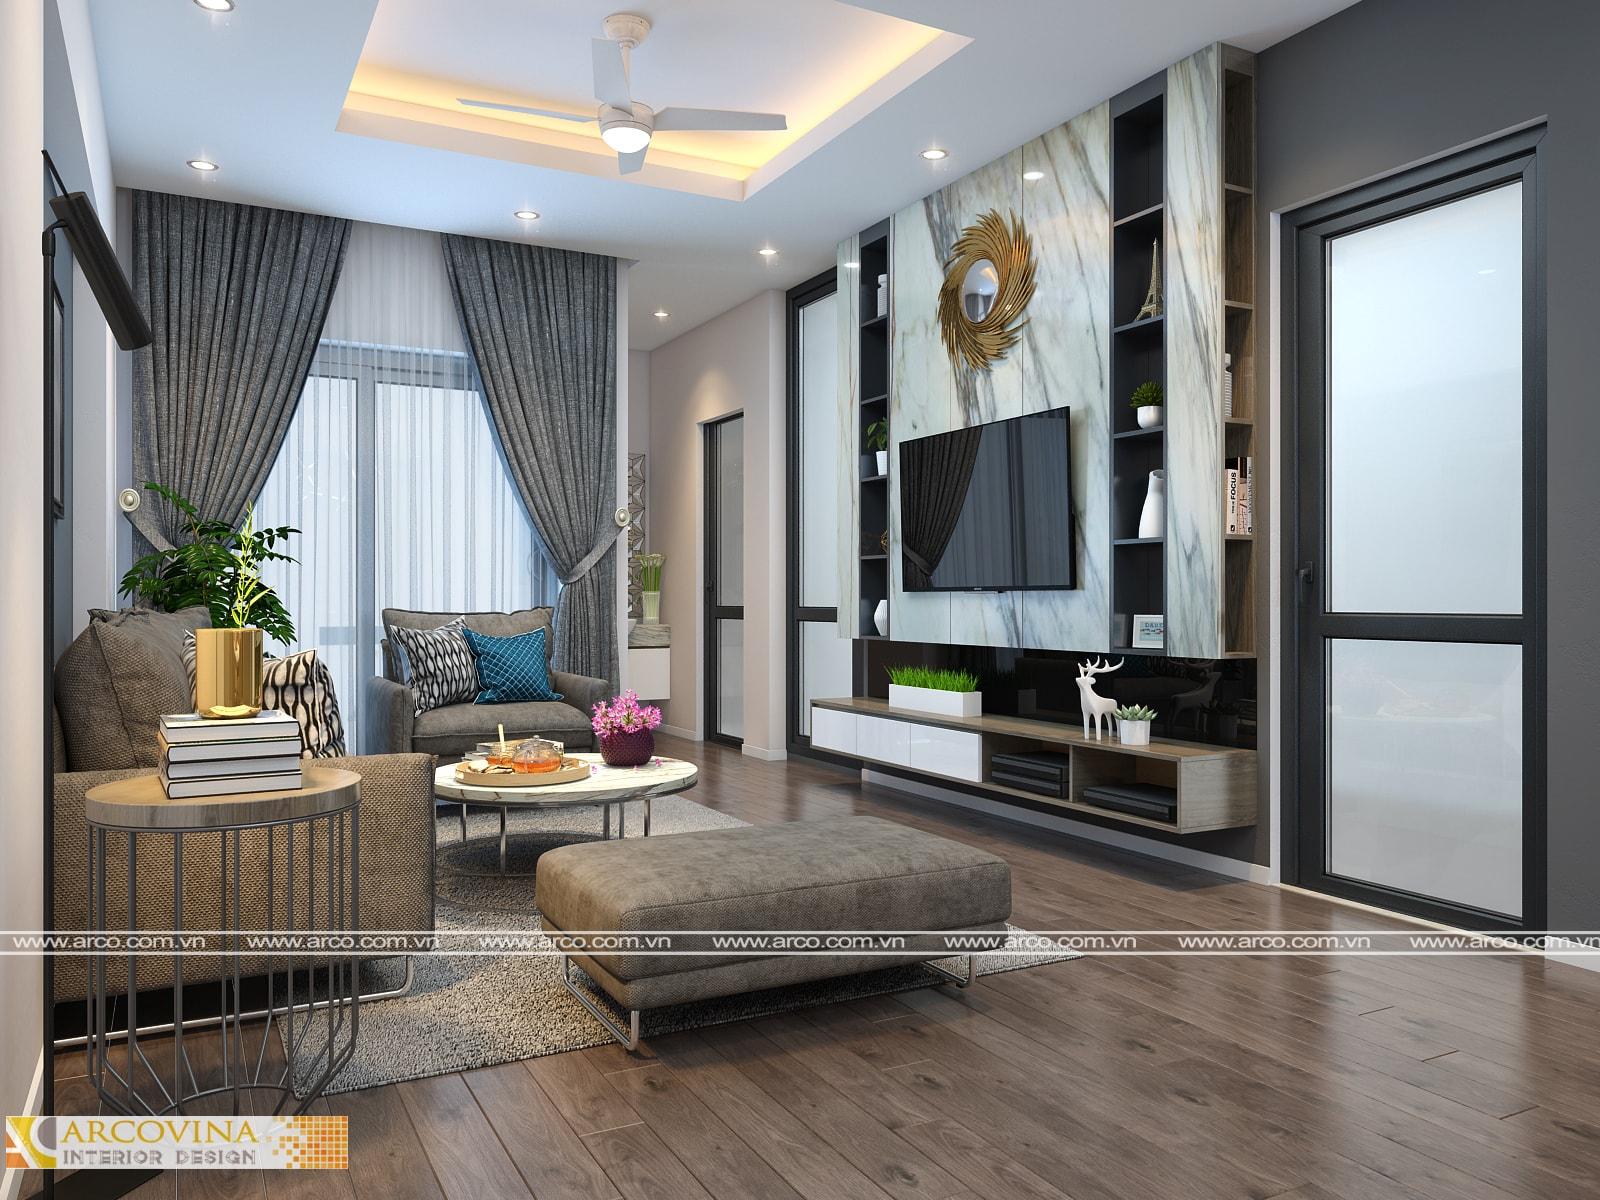 Thiết kế nội thất nhà phố ở Cầu Diễn – Q.Nam Từ Liêm